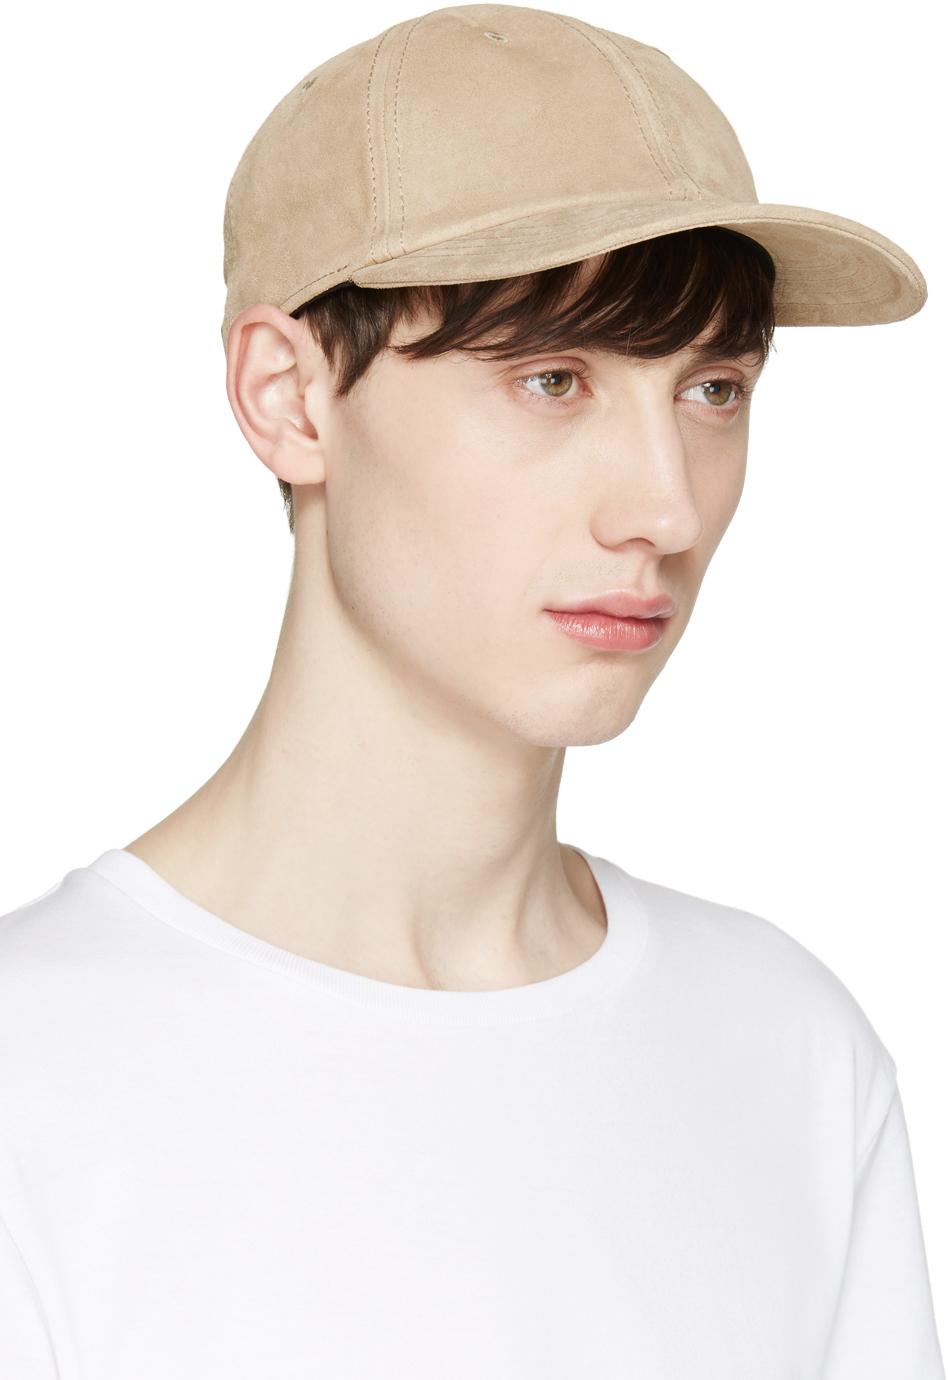 Lyst - Rag   Bone Beige Suede Cap in Natural for Men 7cb4691117b